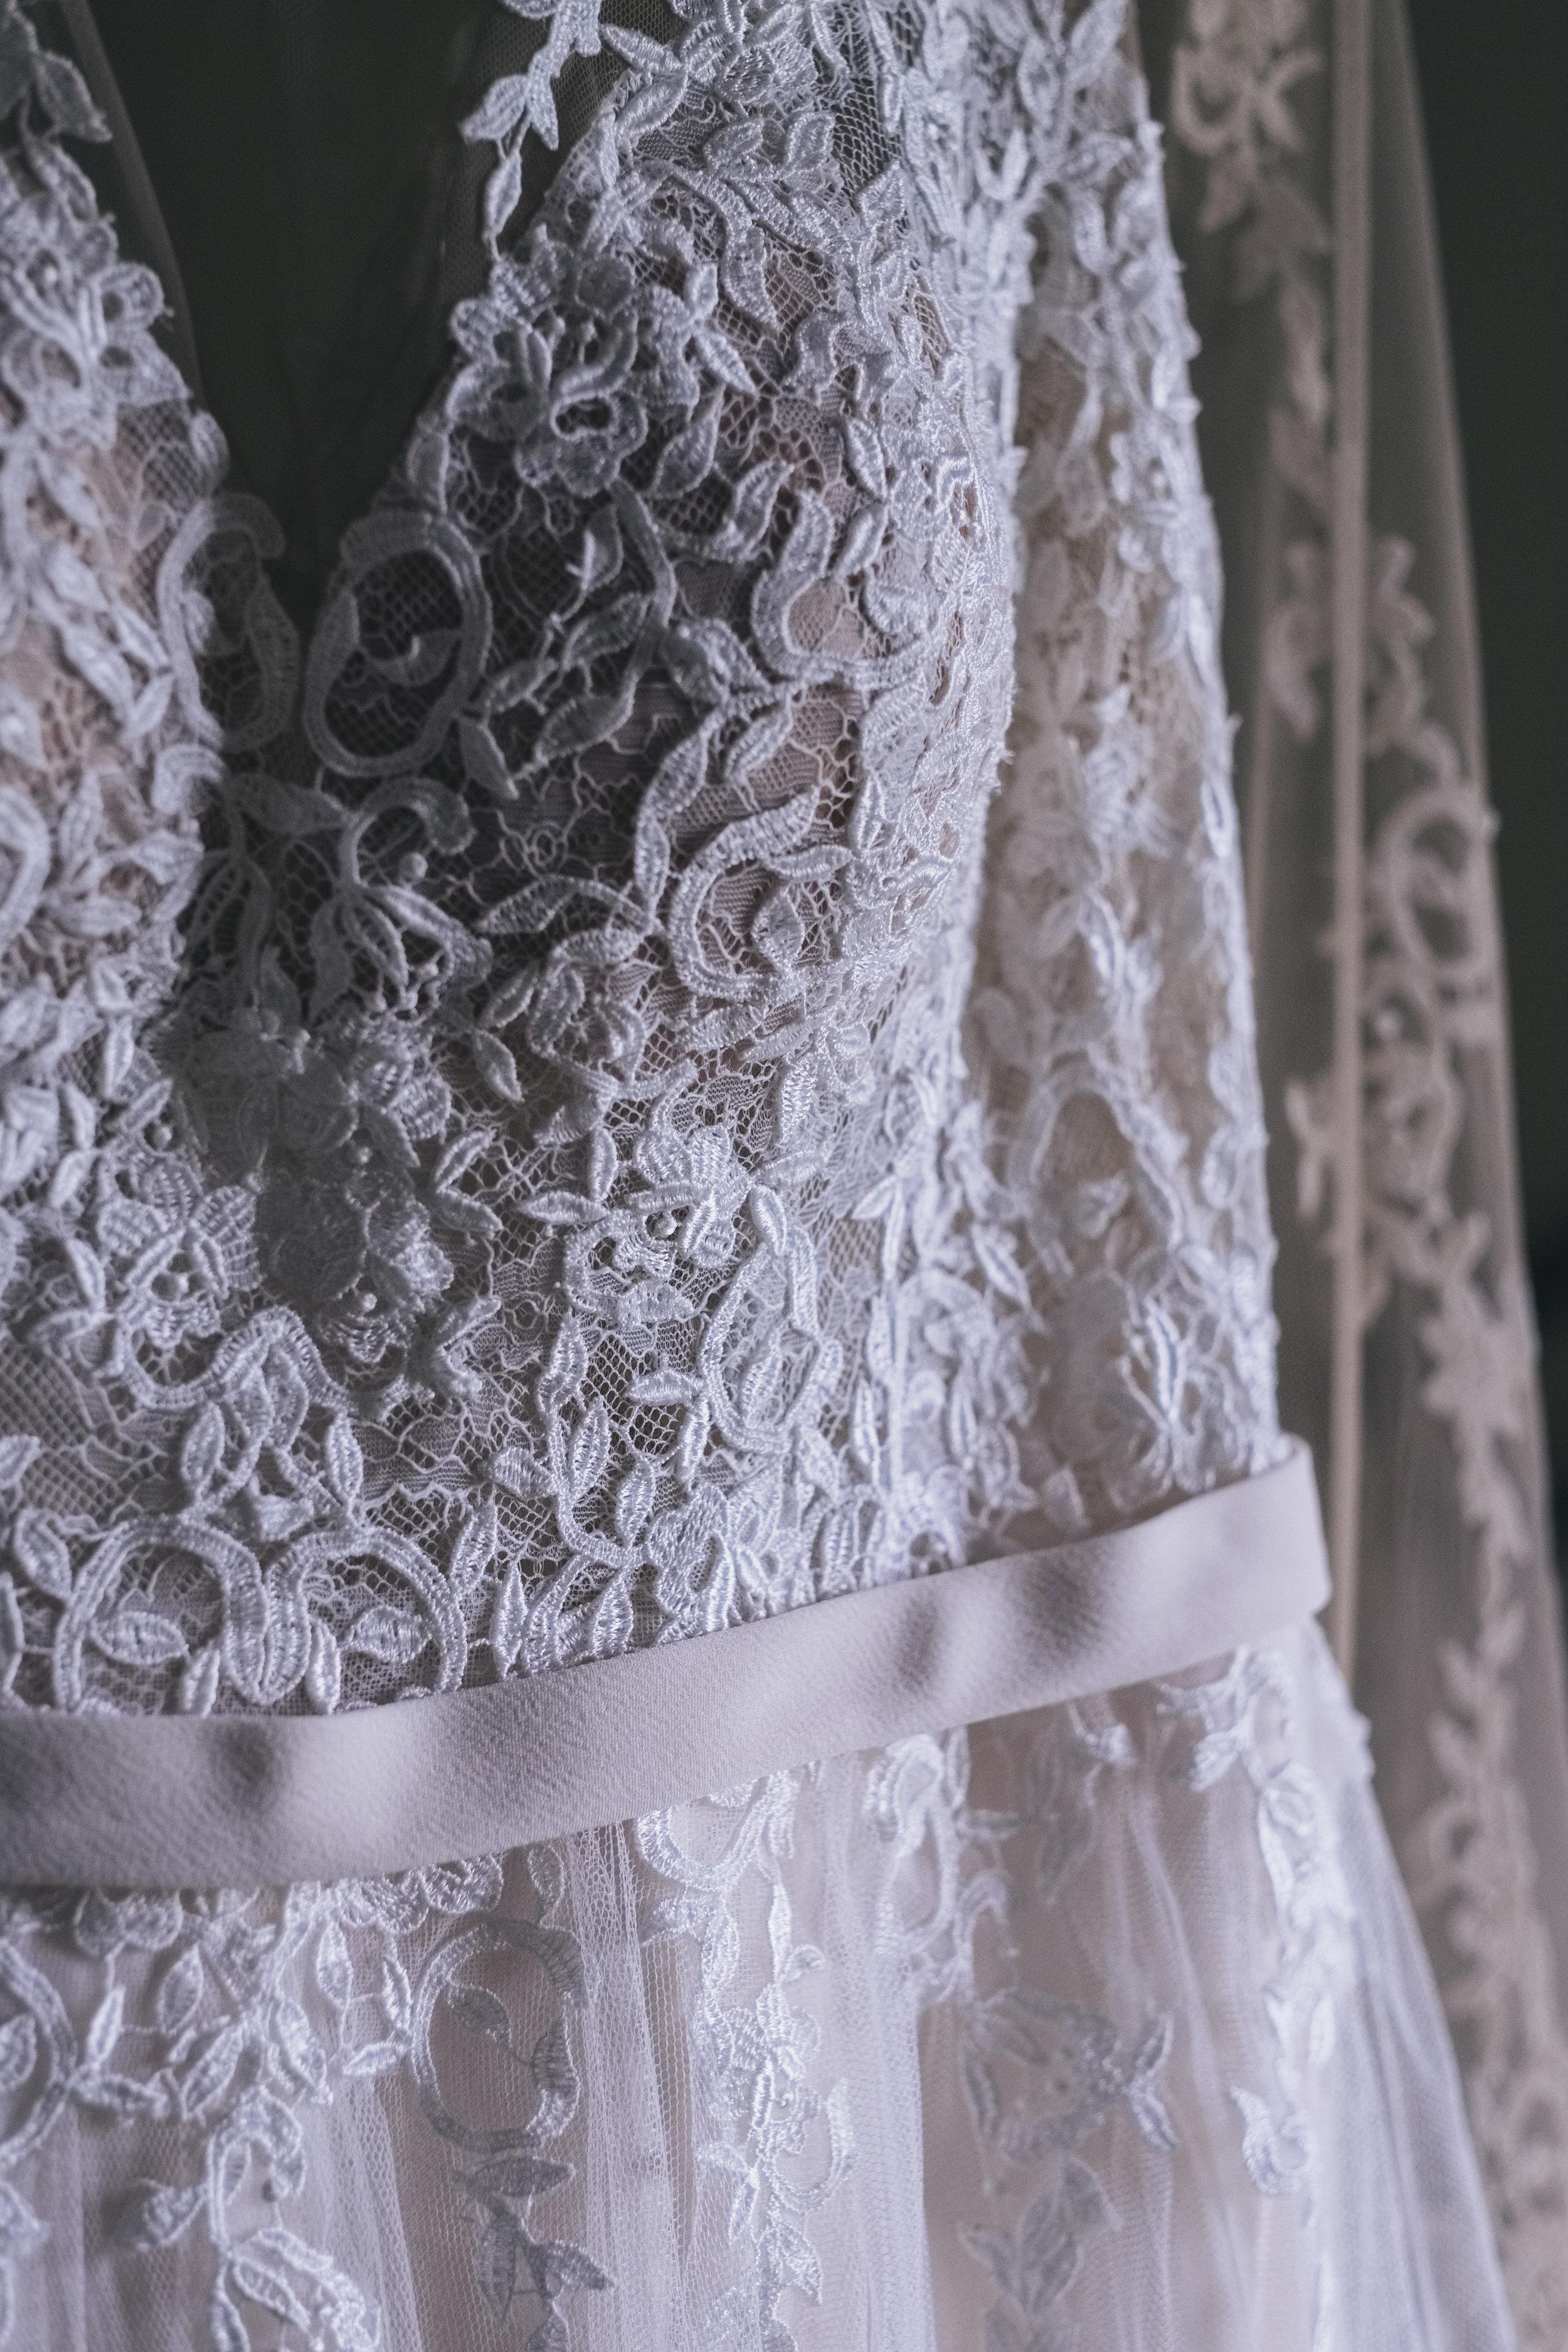 Lace Wedding Dress Photo by Toledo Ohio Photographers